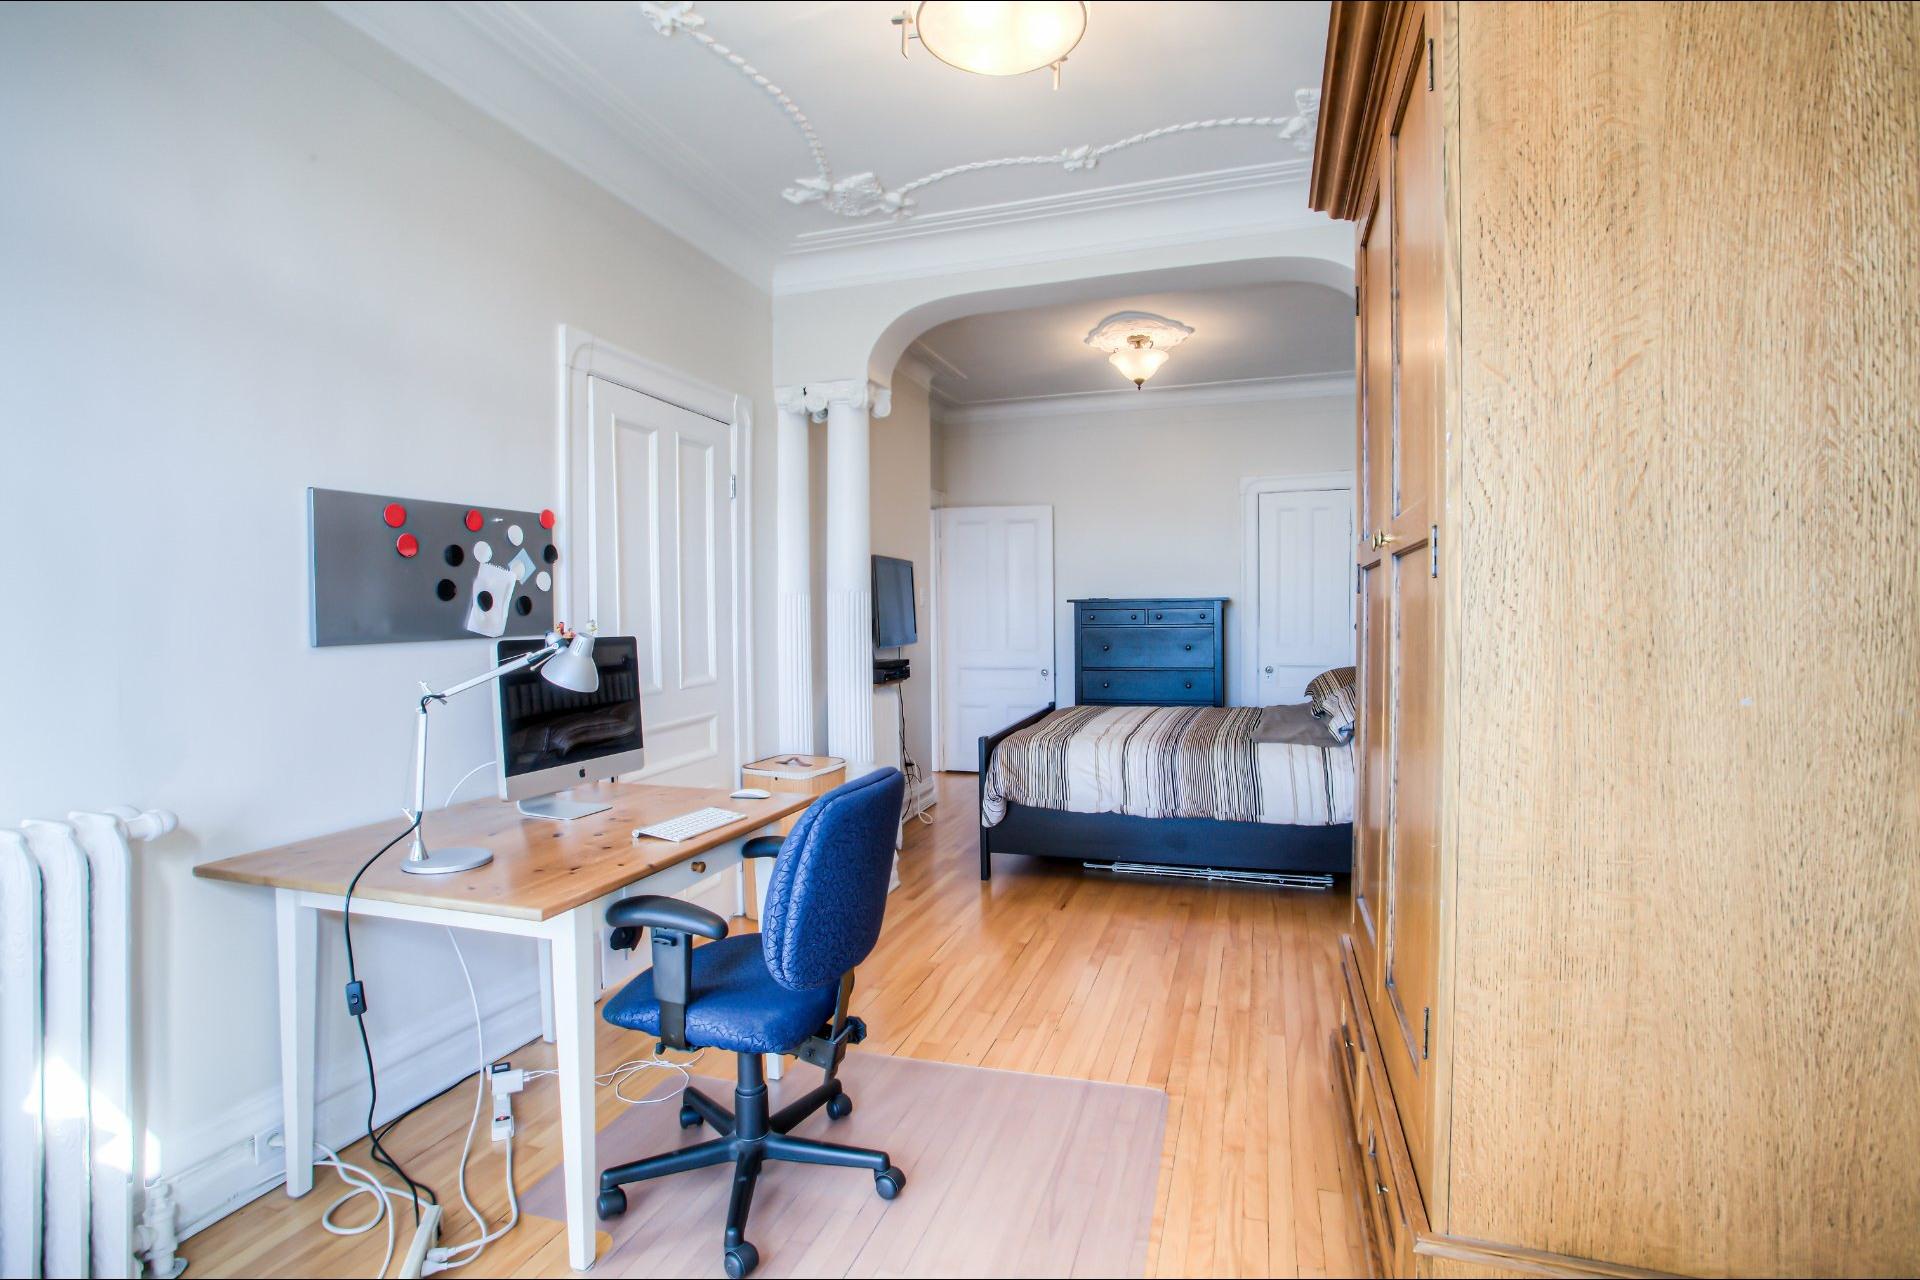 image 4 - Appartement À vendre Rosemont/La Petite-Patrie Montréal  - 8 pièces